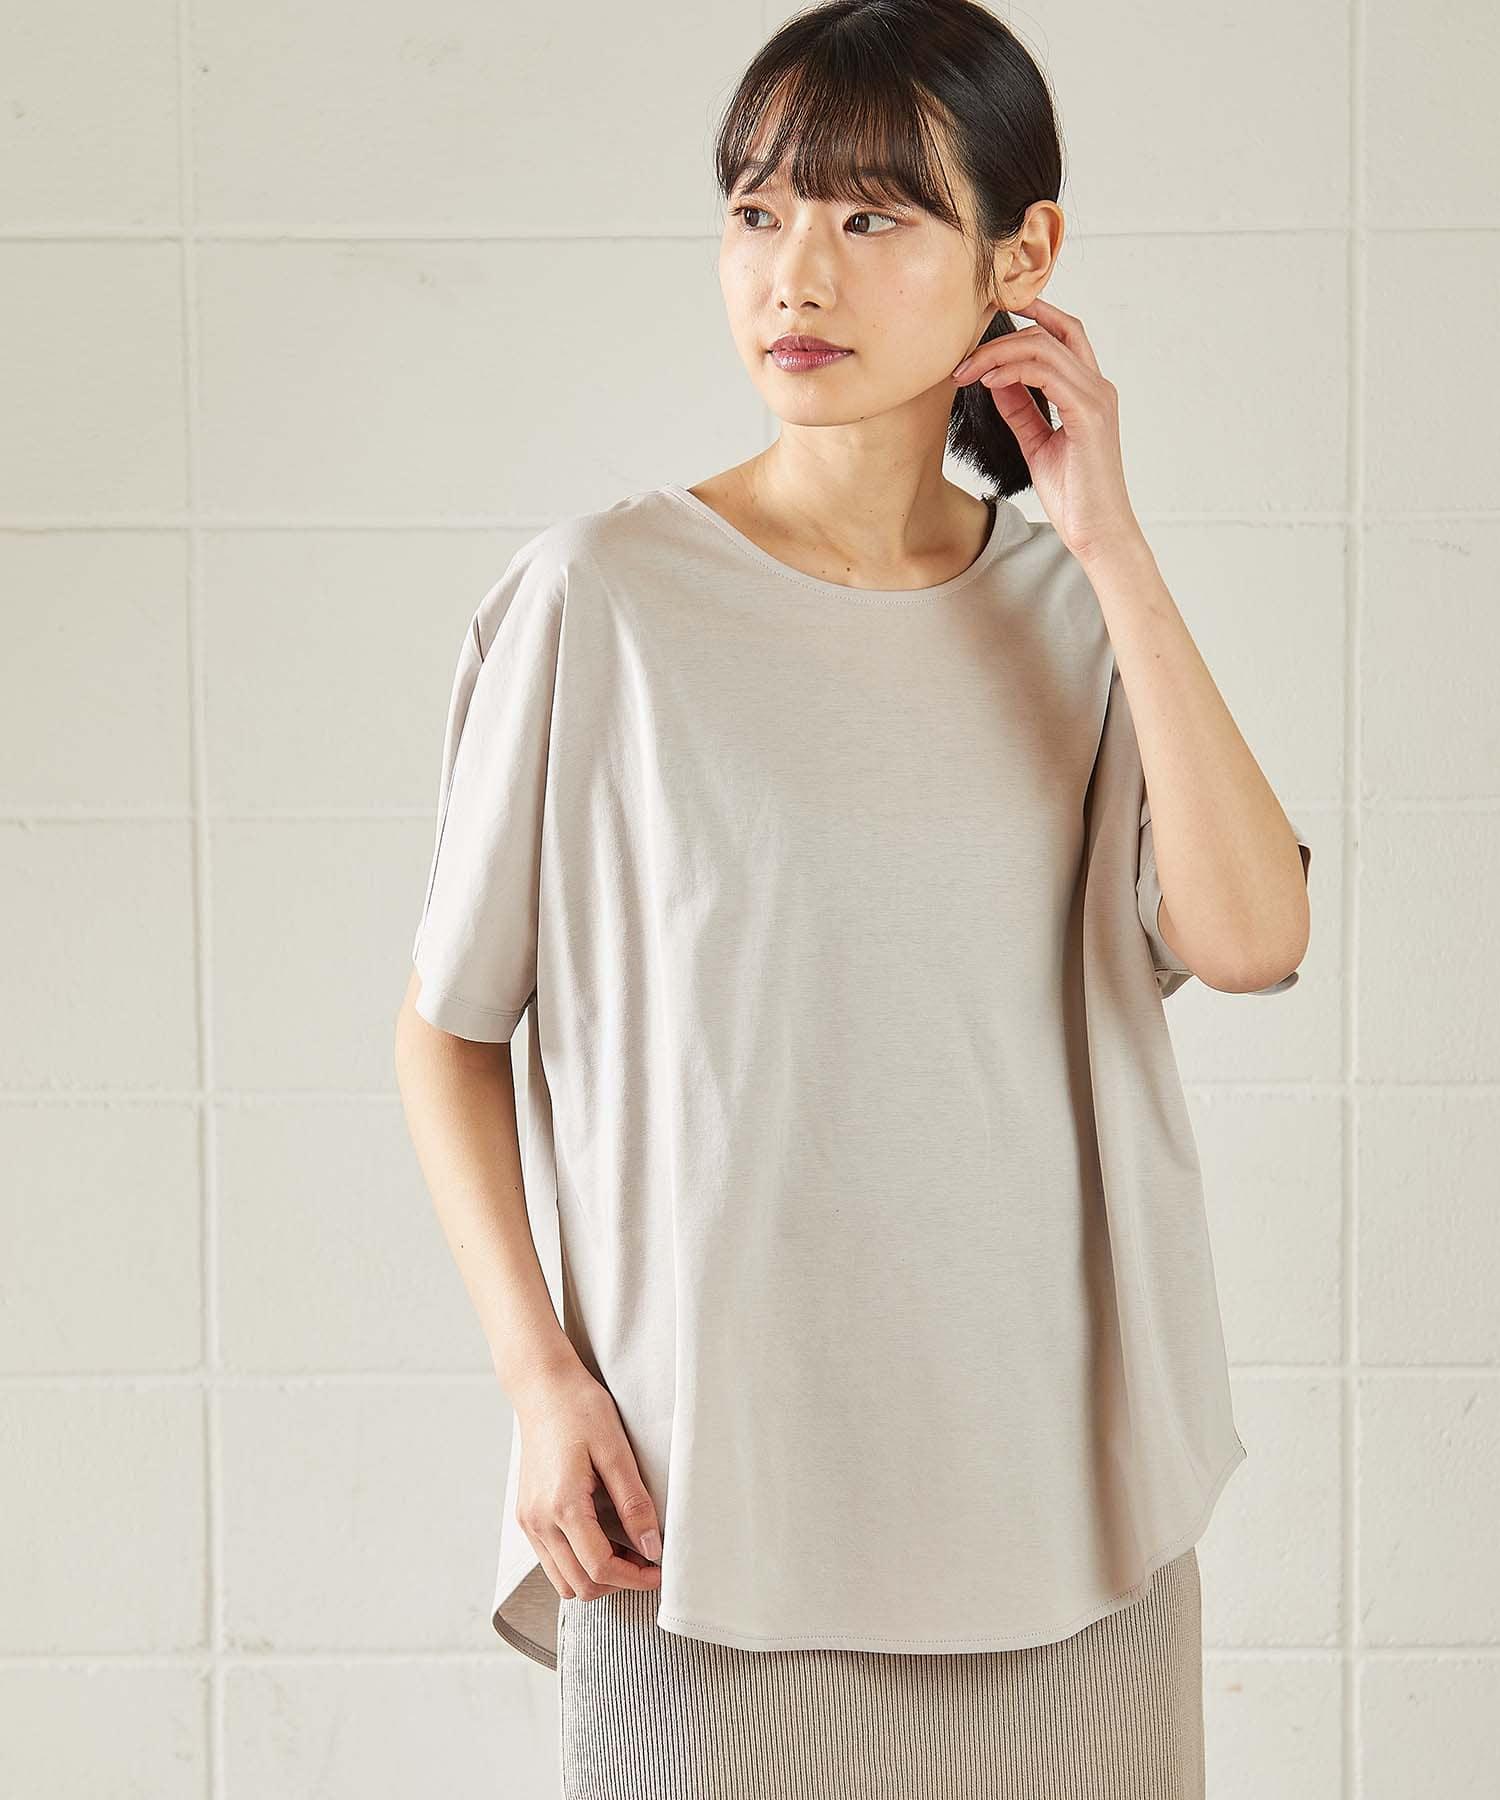 OUVRAGE CLASSE(ウヴラージュクラス) ブラウス風Tシャツ【オンラインストア限定販売】